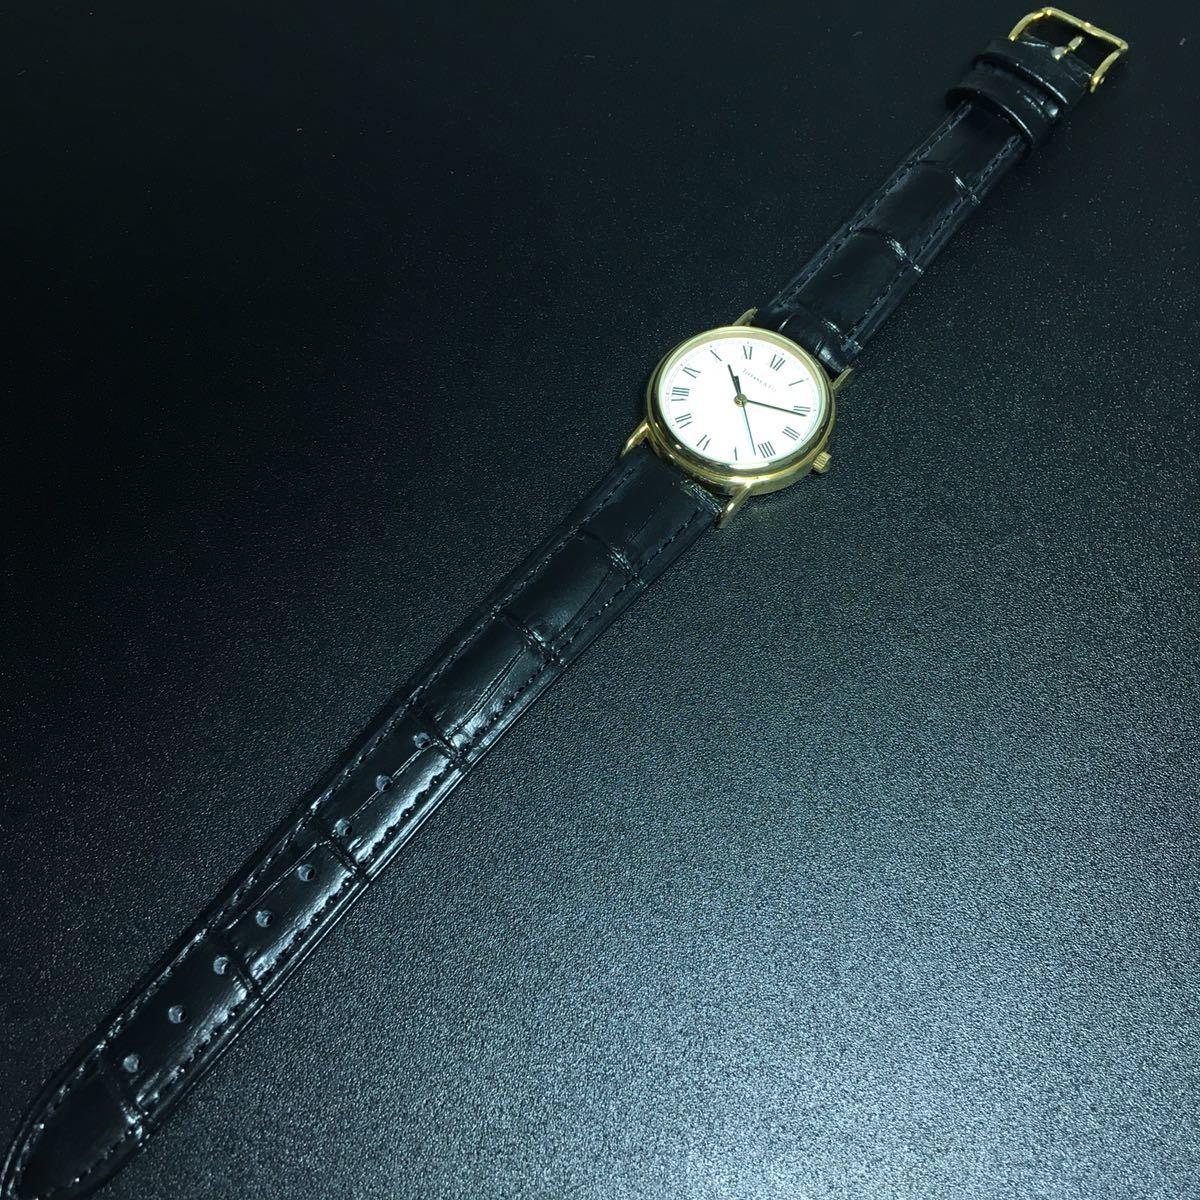 【美品 正規品】ティファニー 腕時計 ローマンインデックス ゴールド クラシック ラウンド レディース 【2005Ti36】_画像9